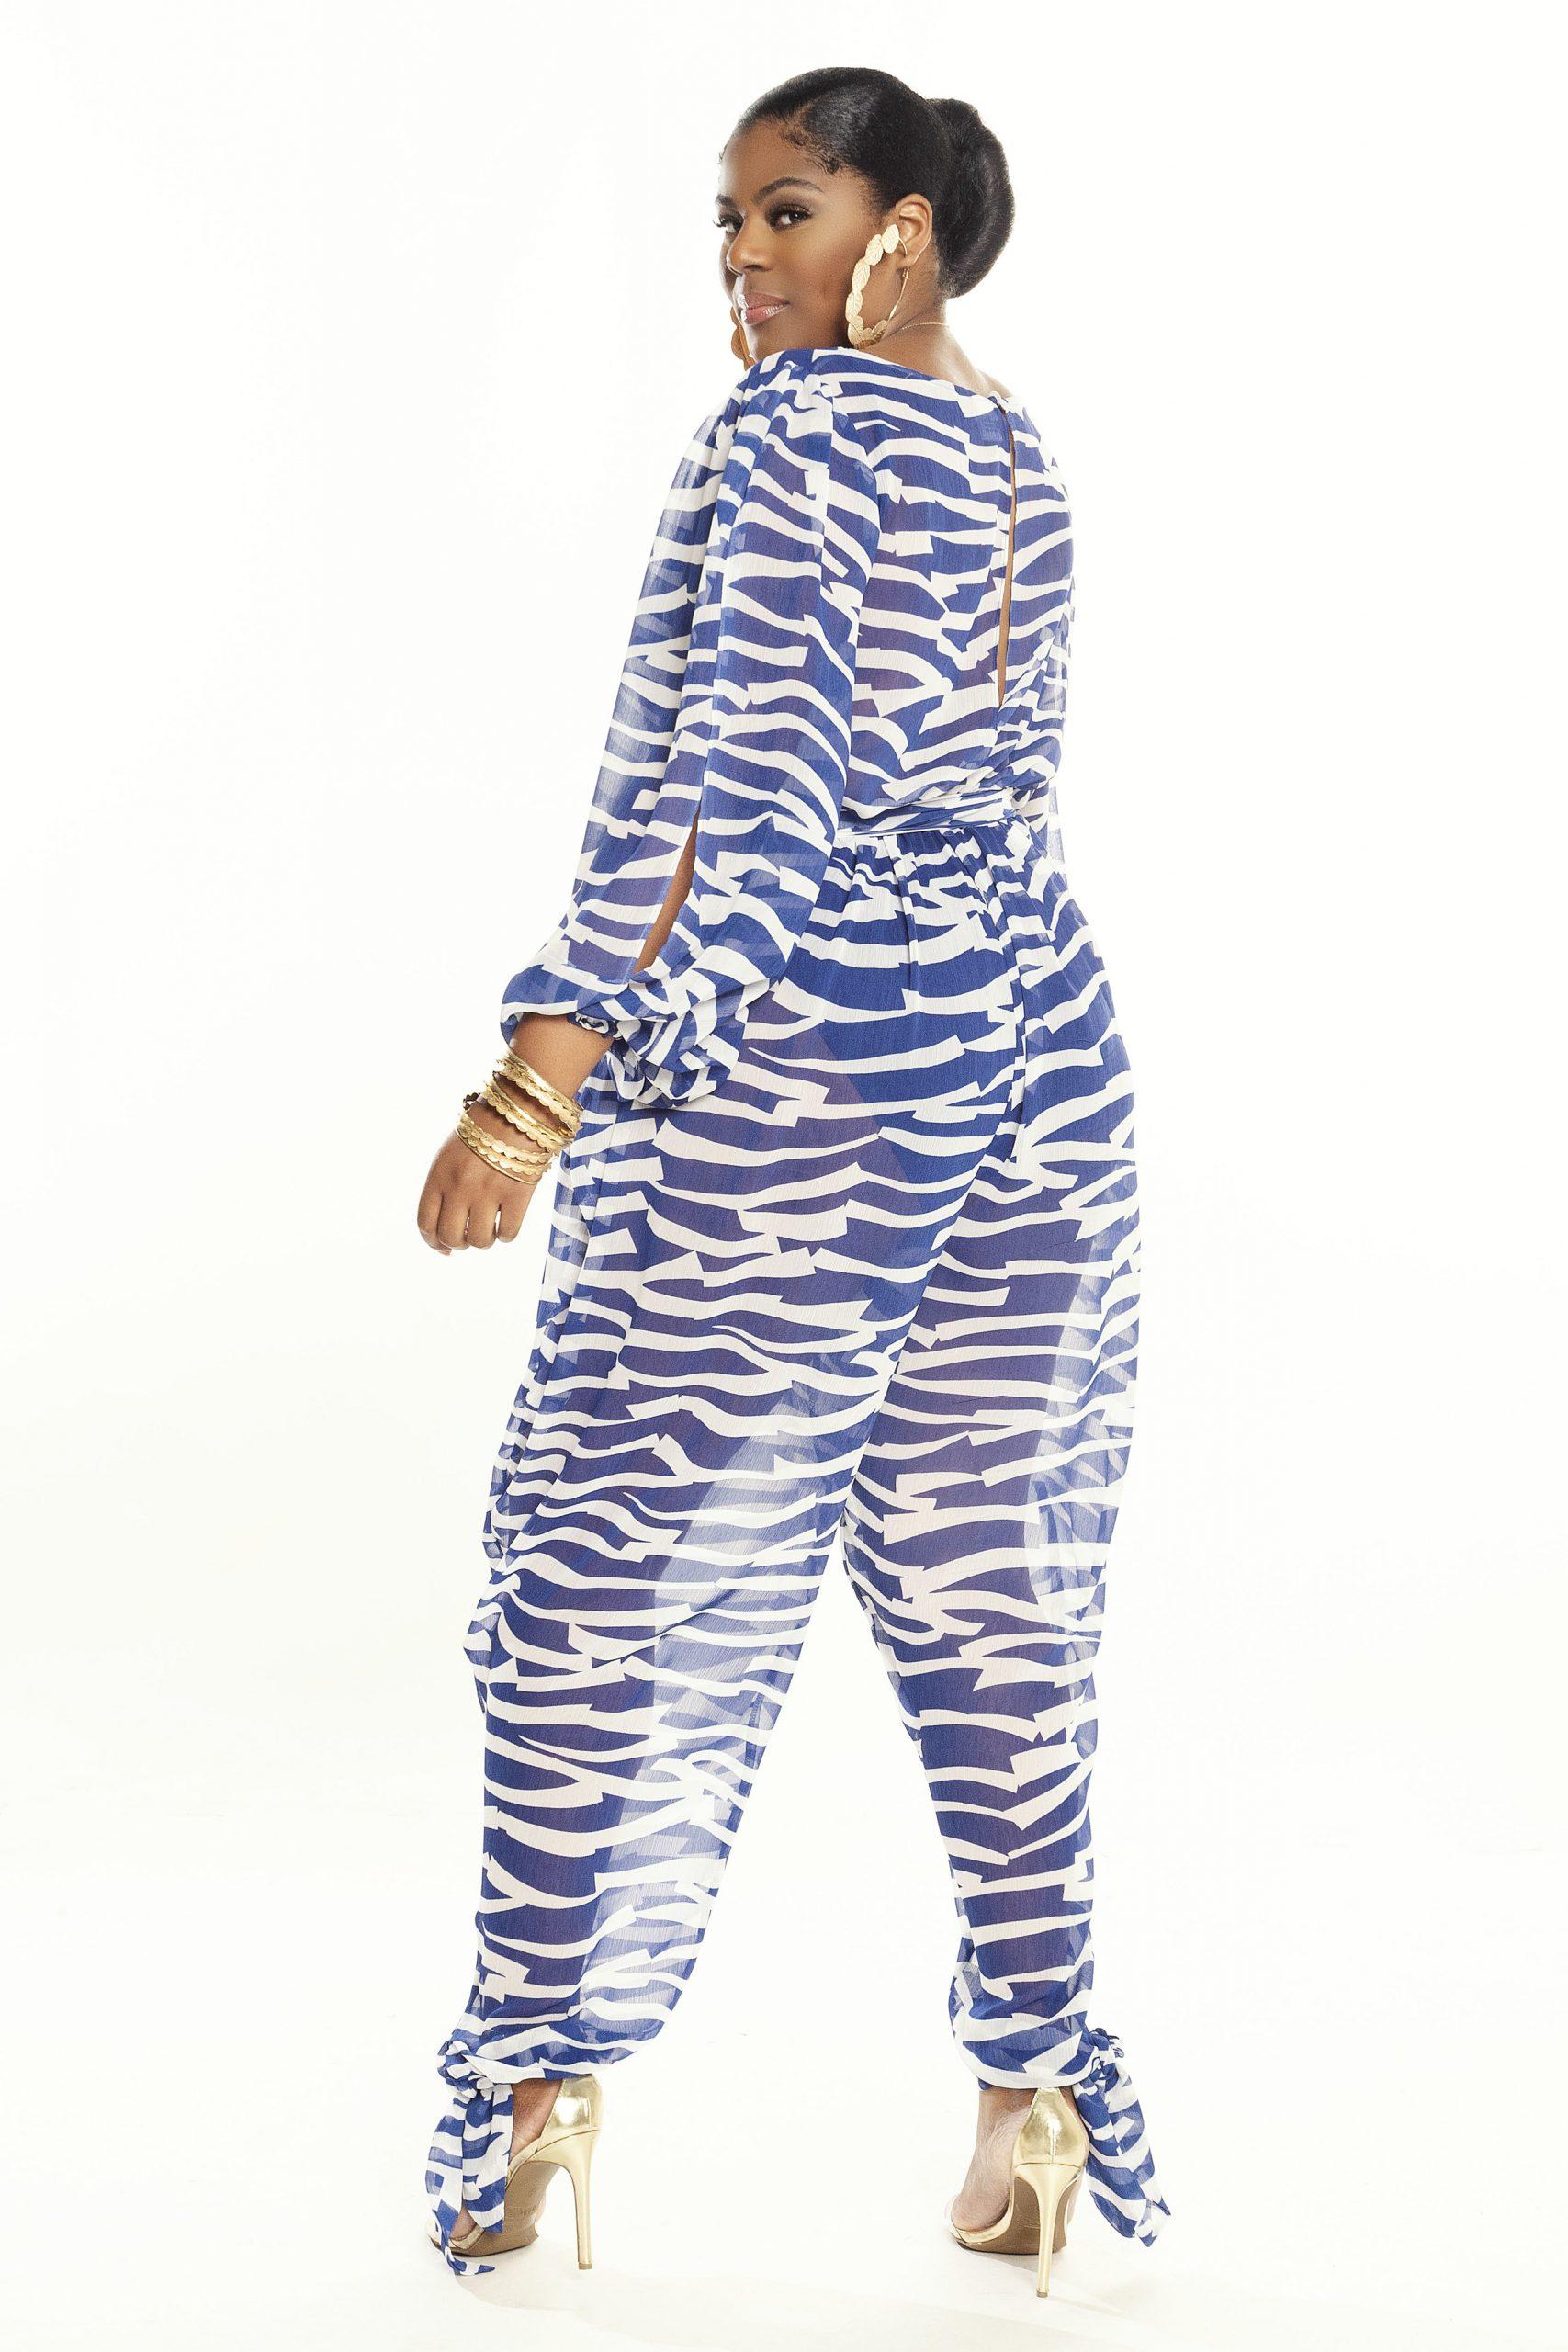 Jibri Full Sleeved Sheer Poolside Jumpsuit with Ankle Ties